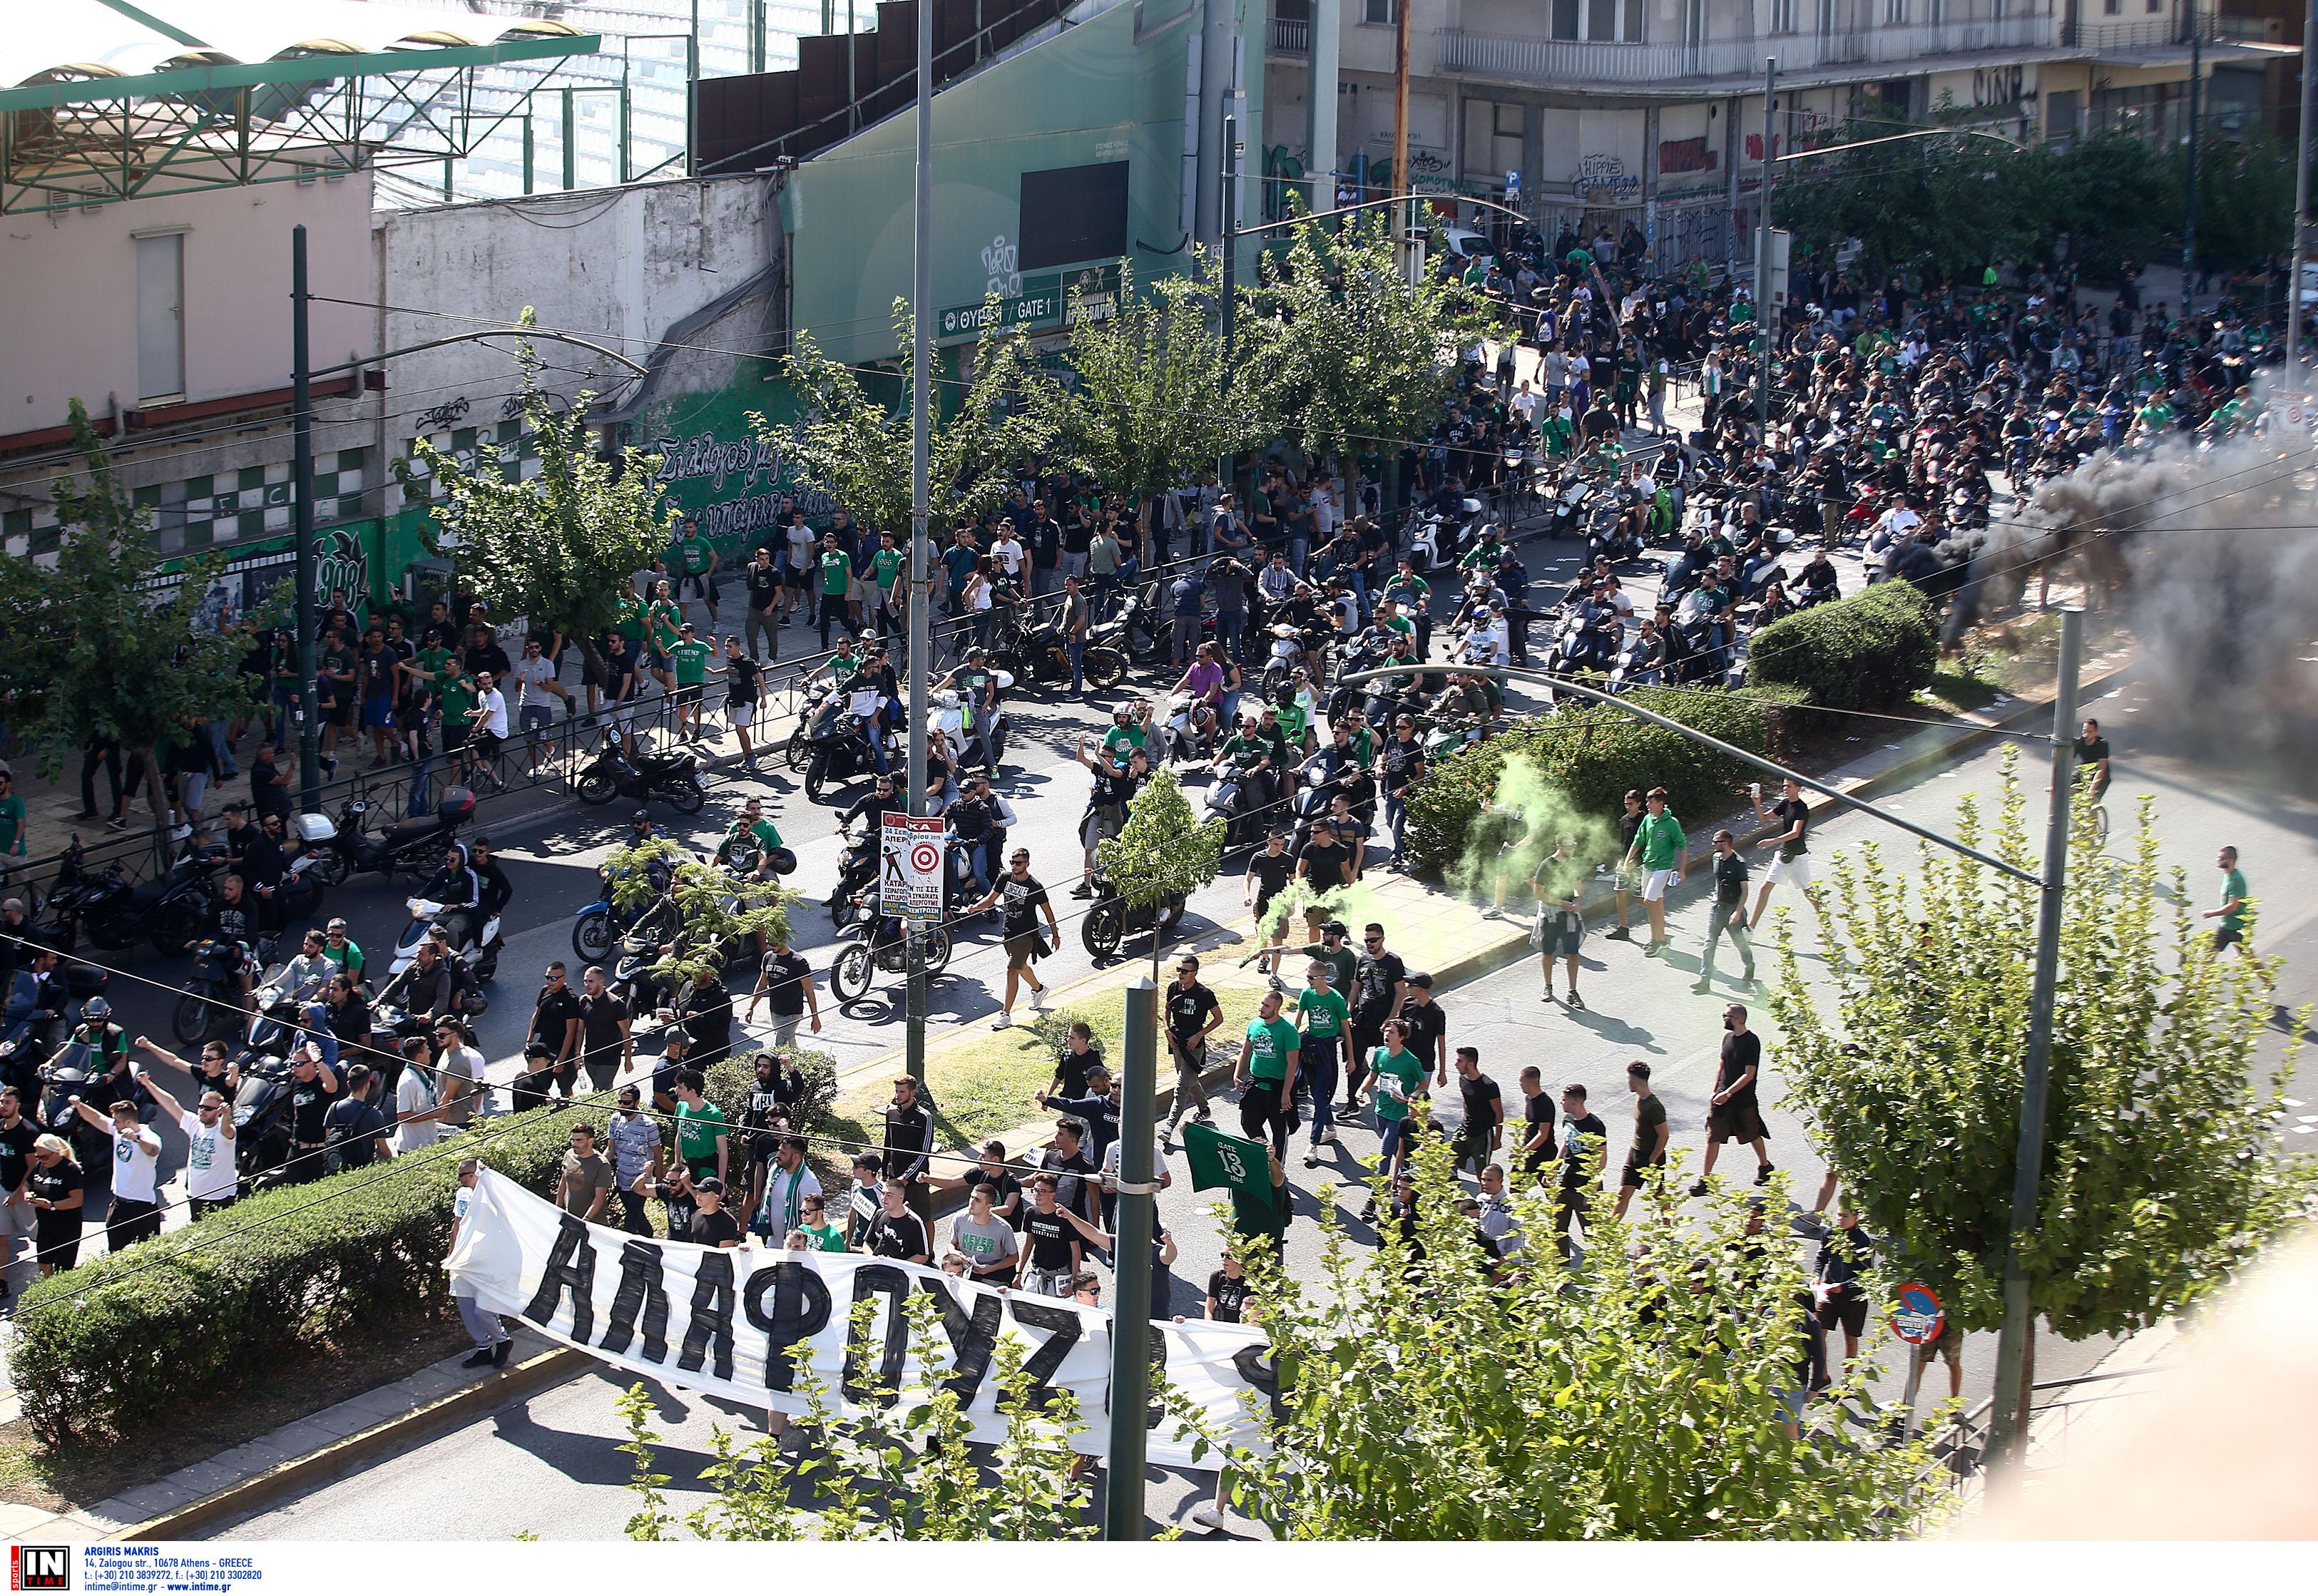 Παναθηναϊκός: Έξω από το σπίτι του Αλαφούζου οι οπαδοί!